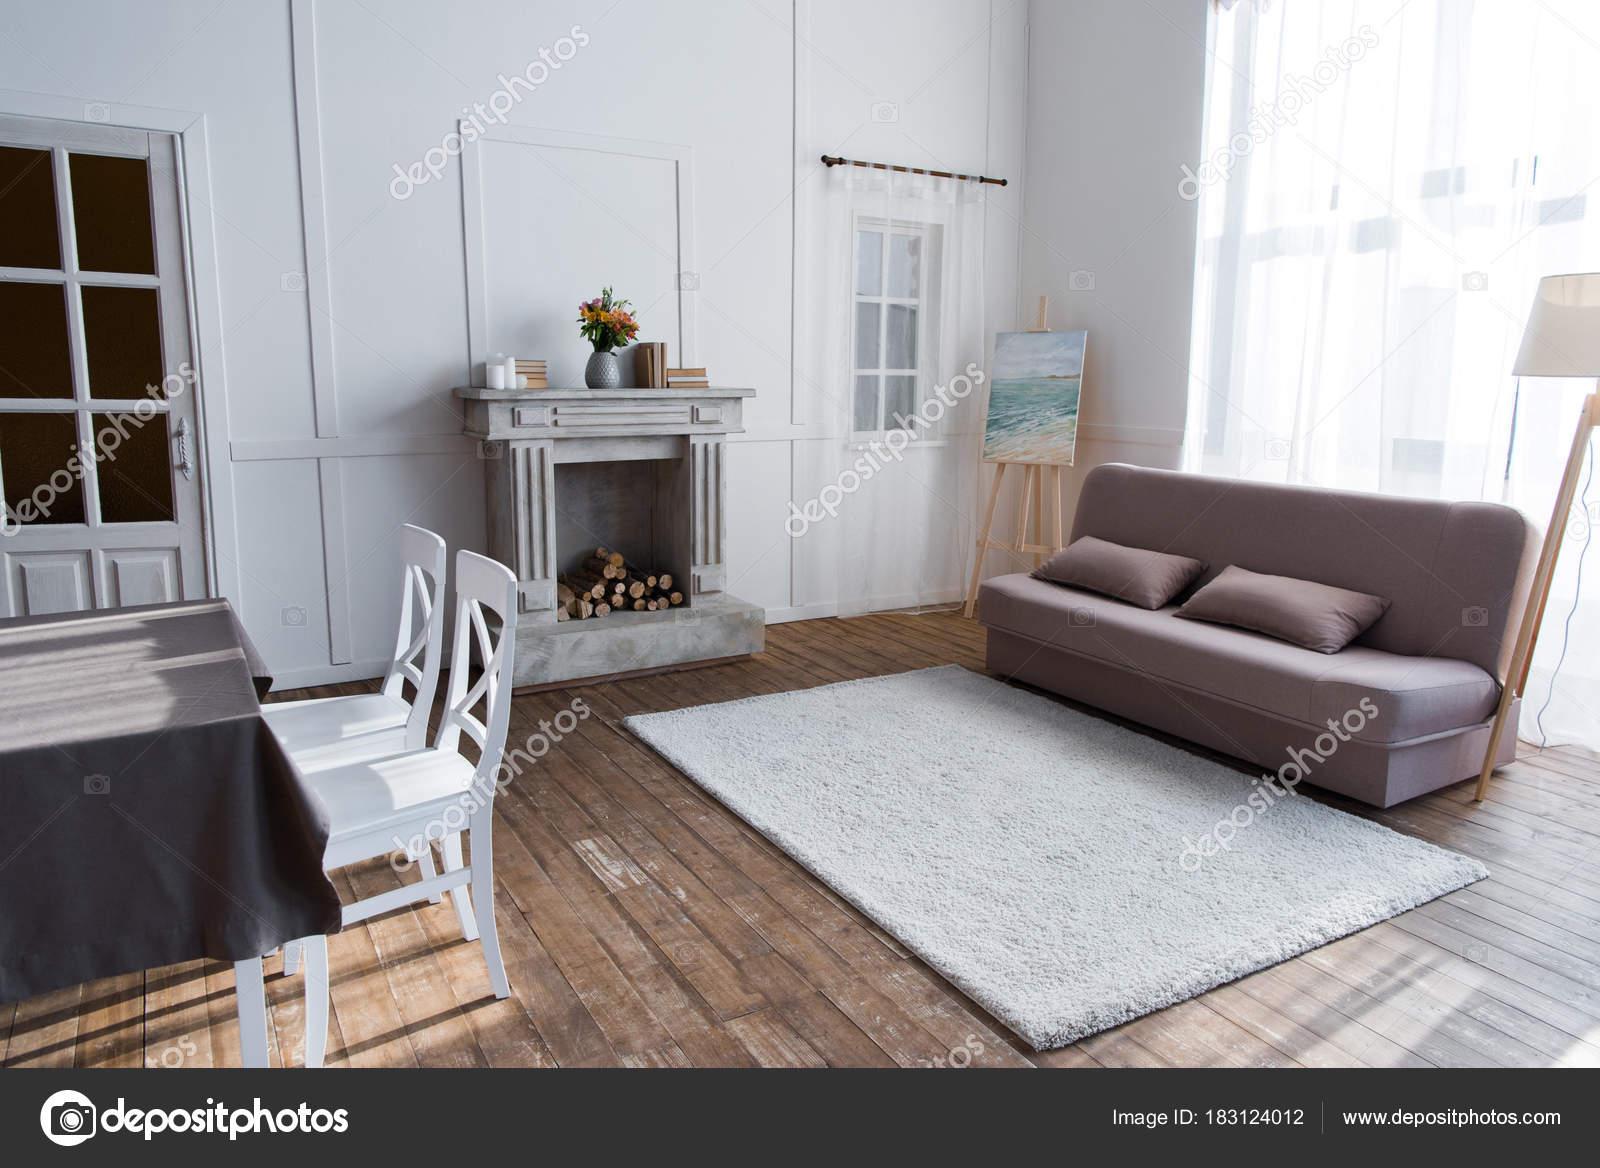 gezellige kamer interieur met stijlvol meubilair stockfoto